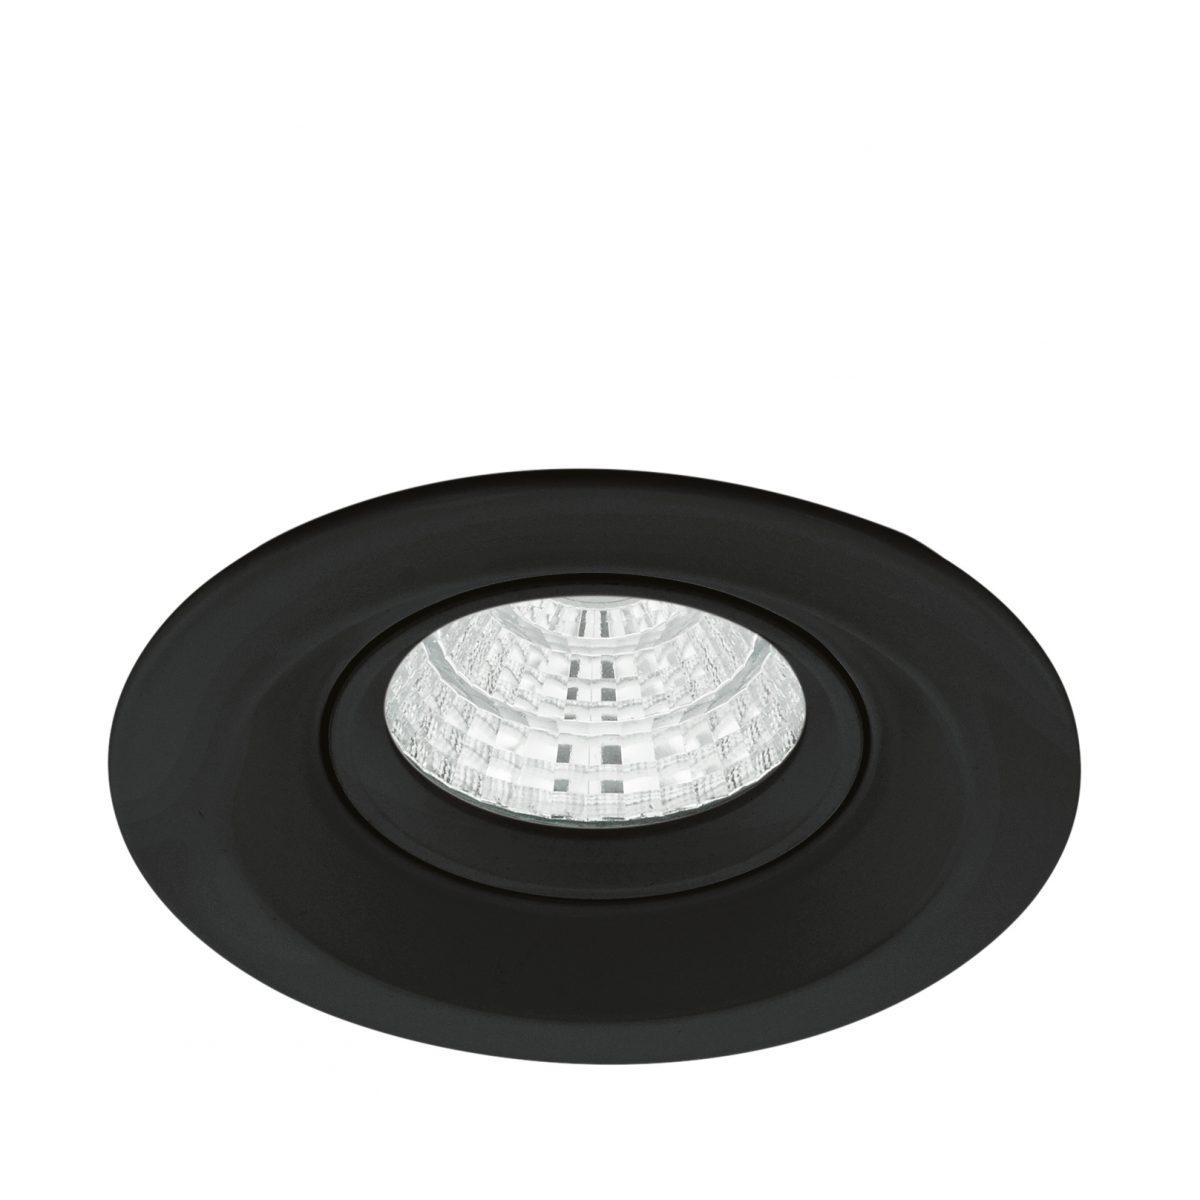 Светильник настенно-потолочный TALVERA P/PROFESSIO EGLO 61551 - Фото №28